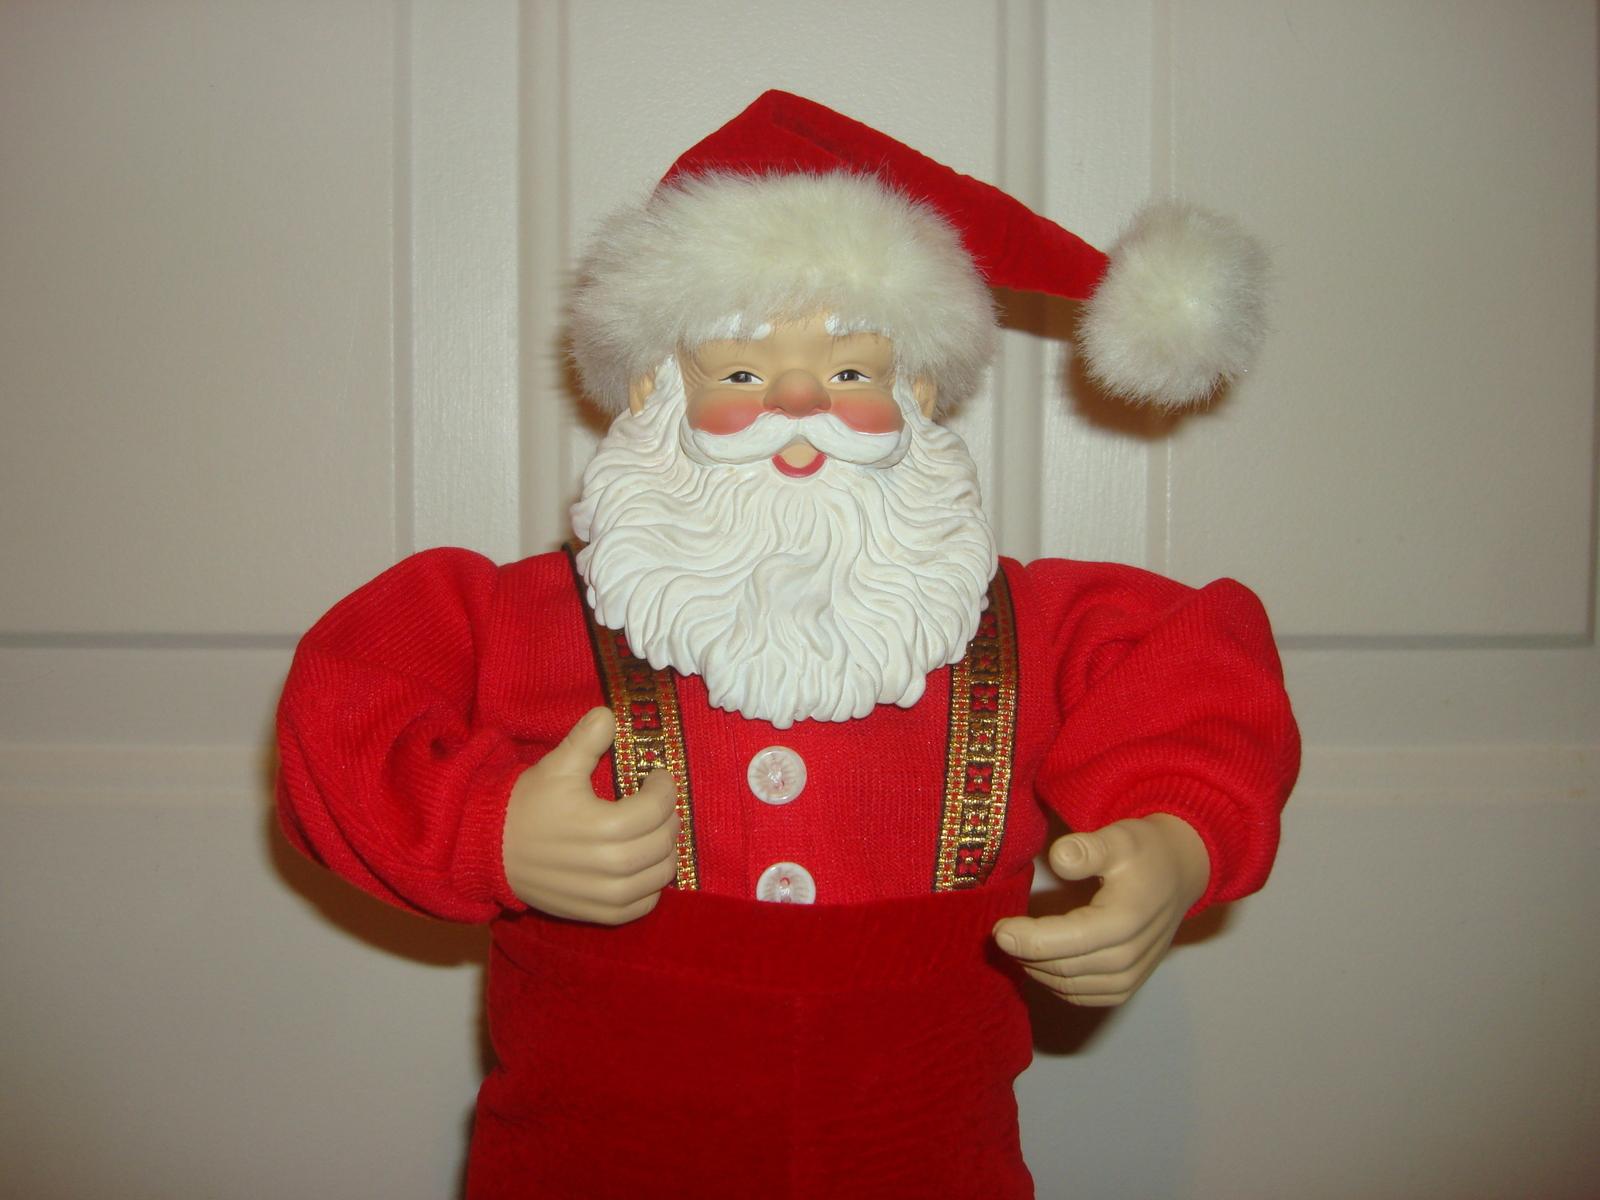 Christmas Fantasy Ltd 1998 JINGLE BELL ROCK Musical Dancing SANTA CLAUS - Santa